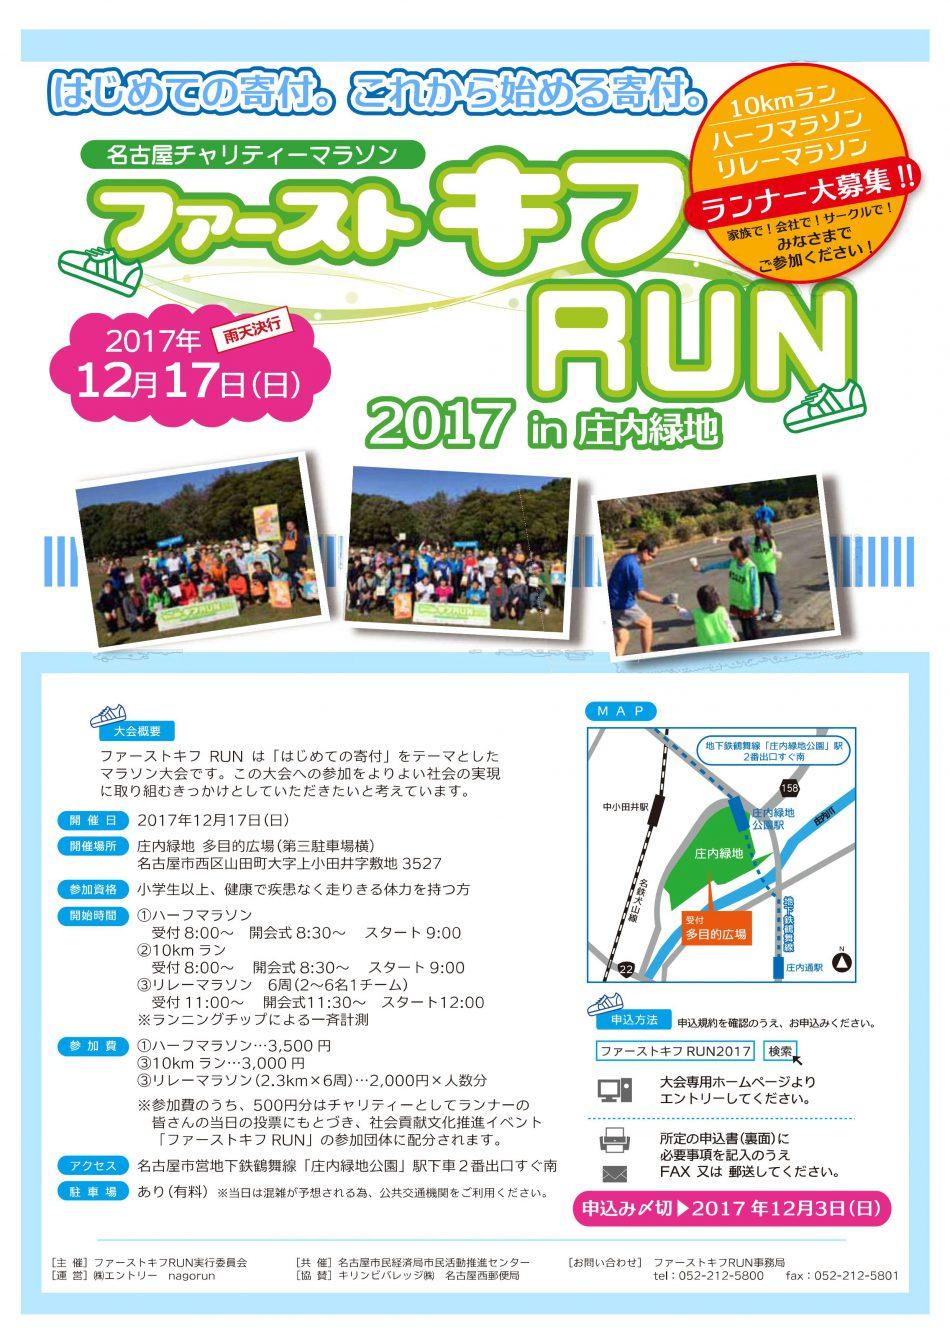 kifu_run2017_01